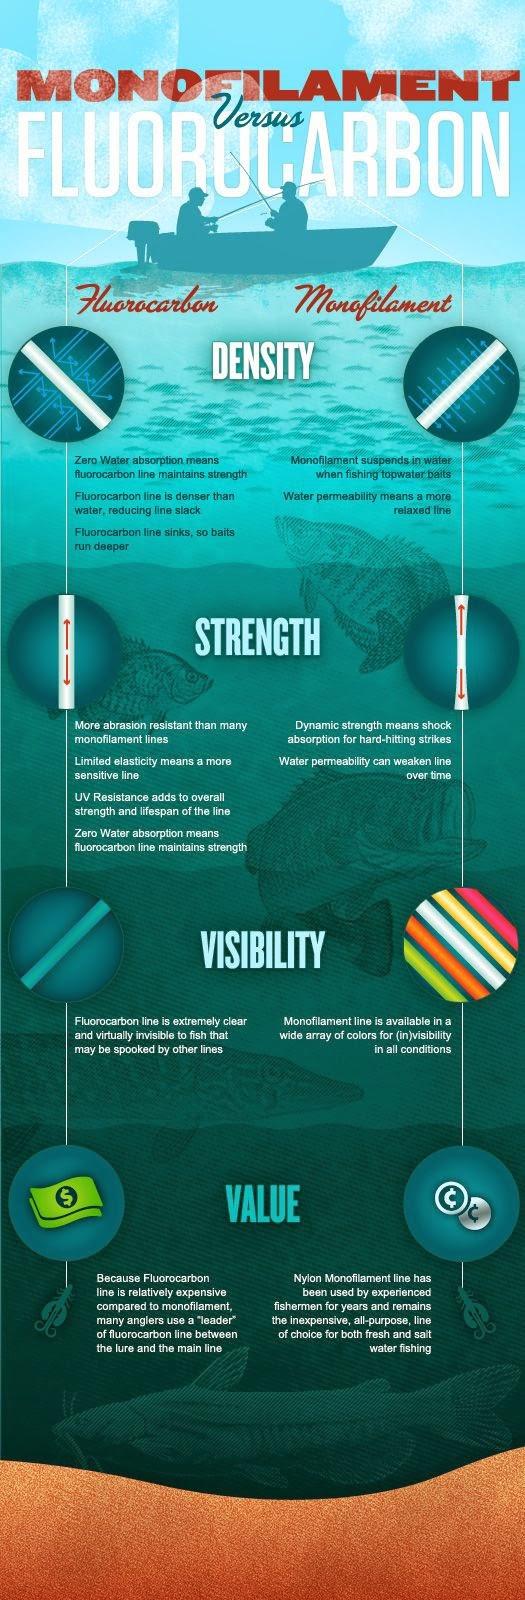 5 Kelebihan & Kekurangan Tali Monofilament Dan Fluorocarbon